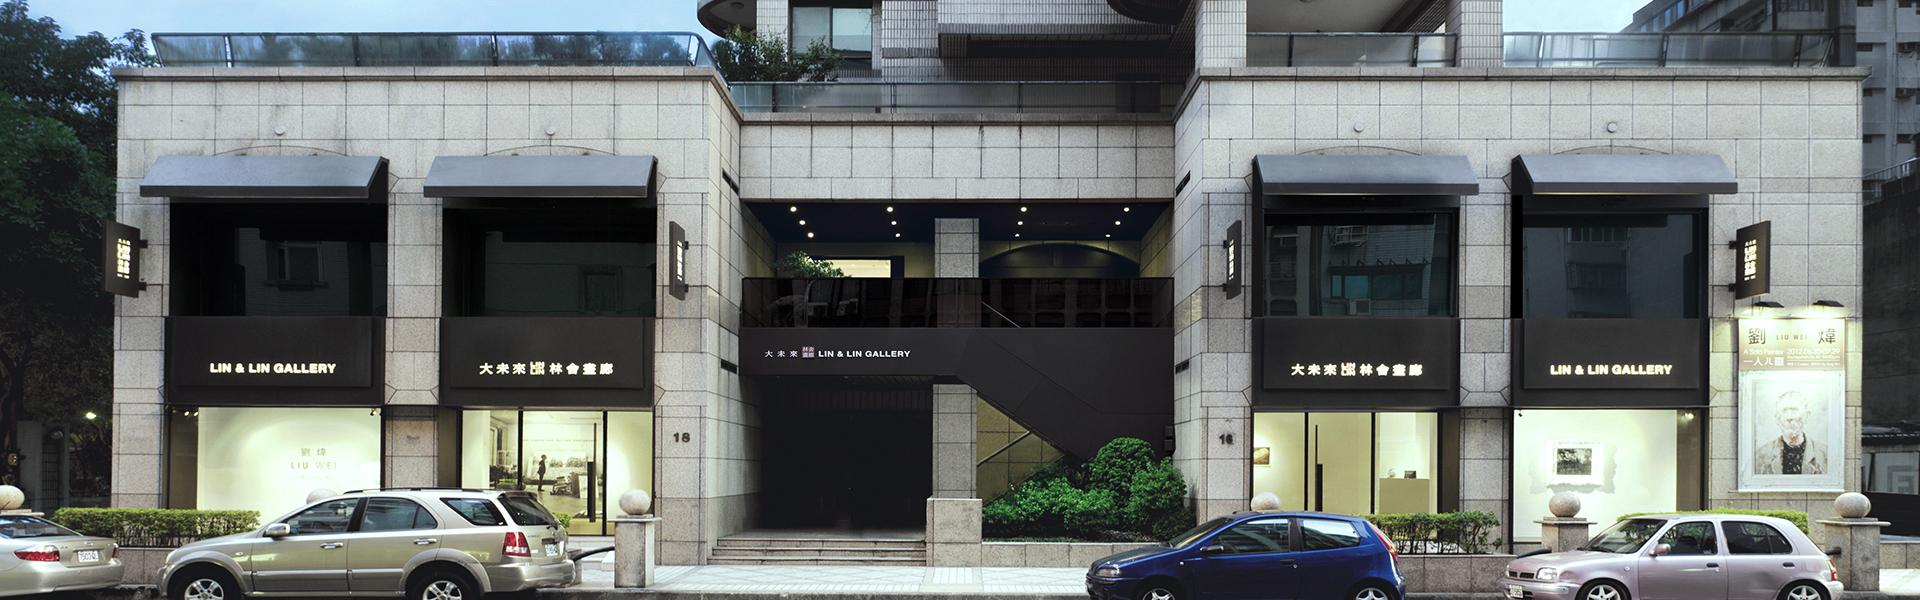 大未來林舍畫廊